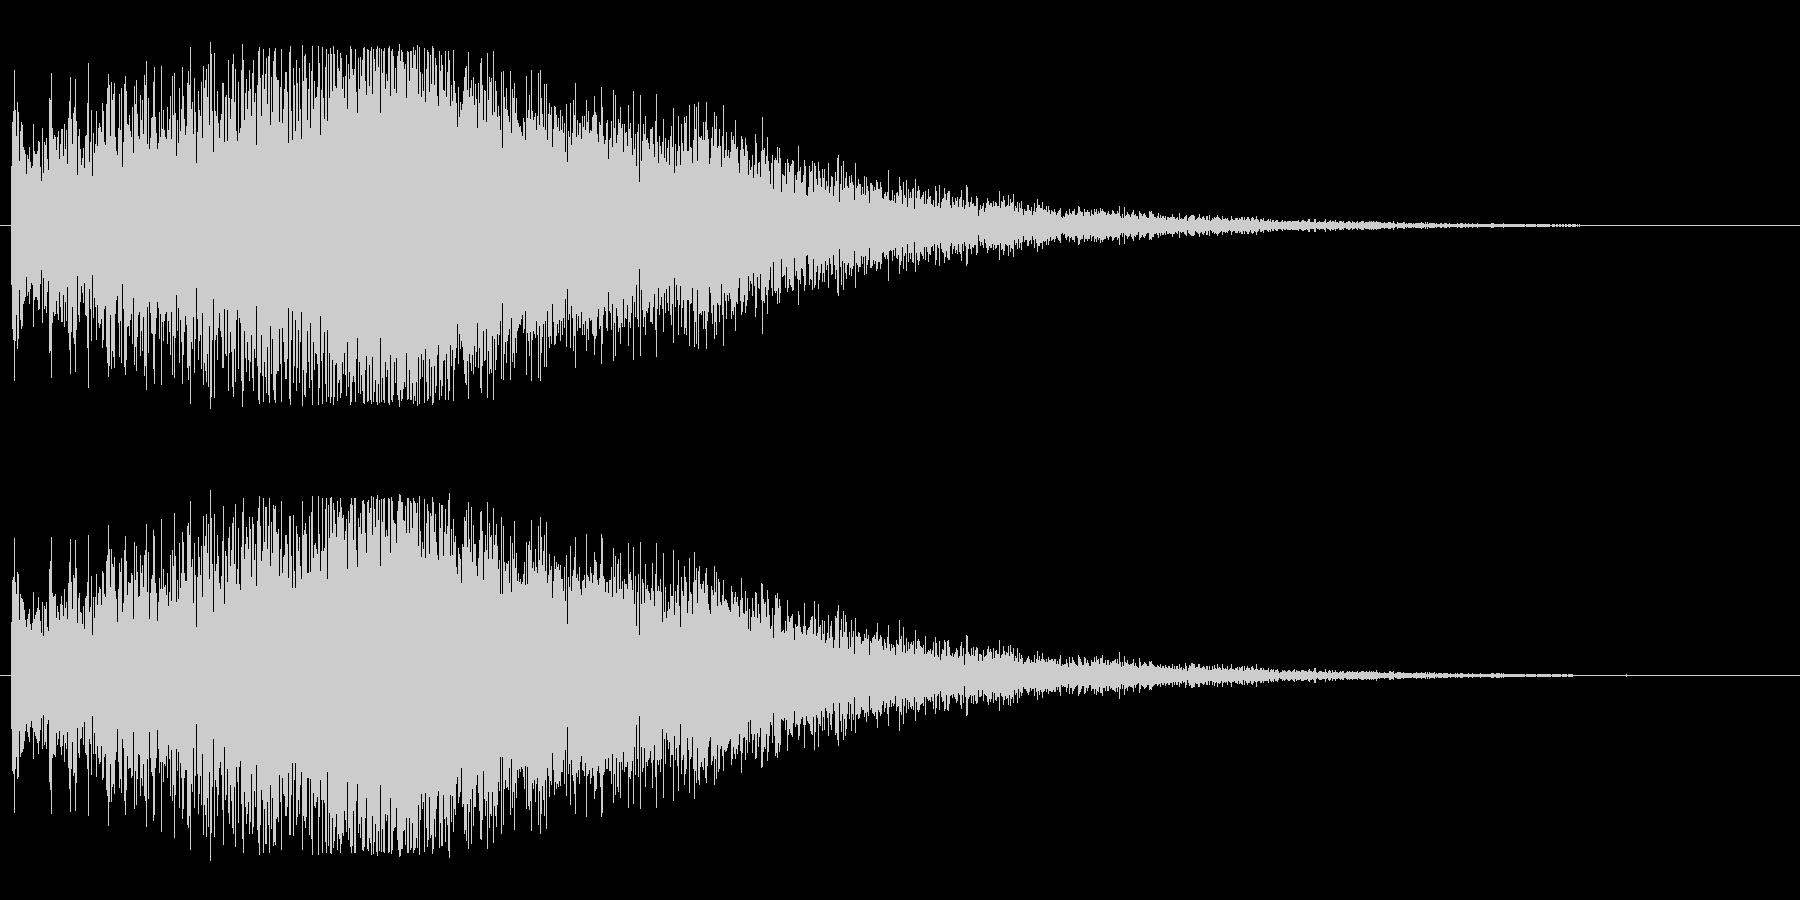 ビブラフォン系アップ(ビブラ)豪華の未再生の波形